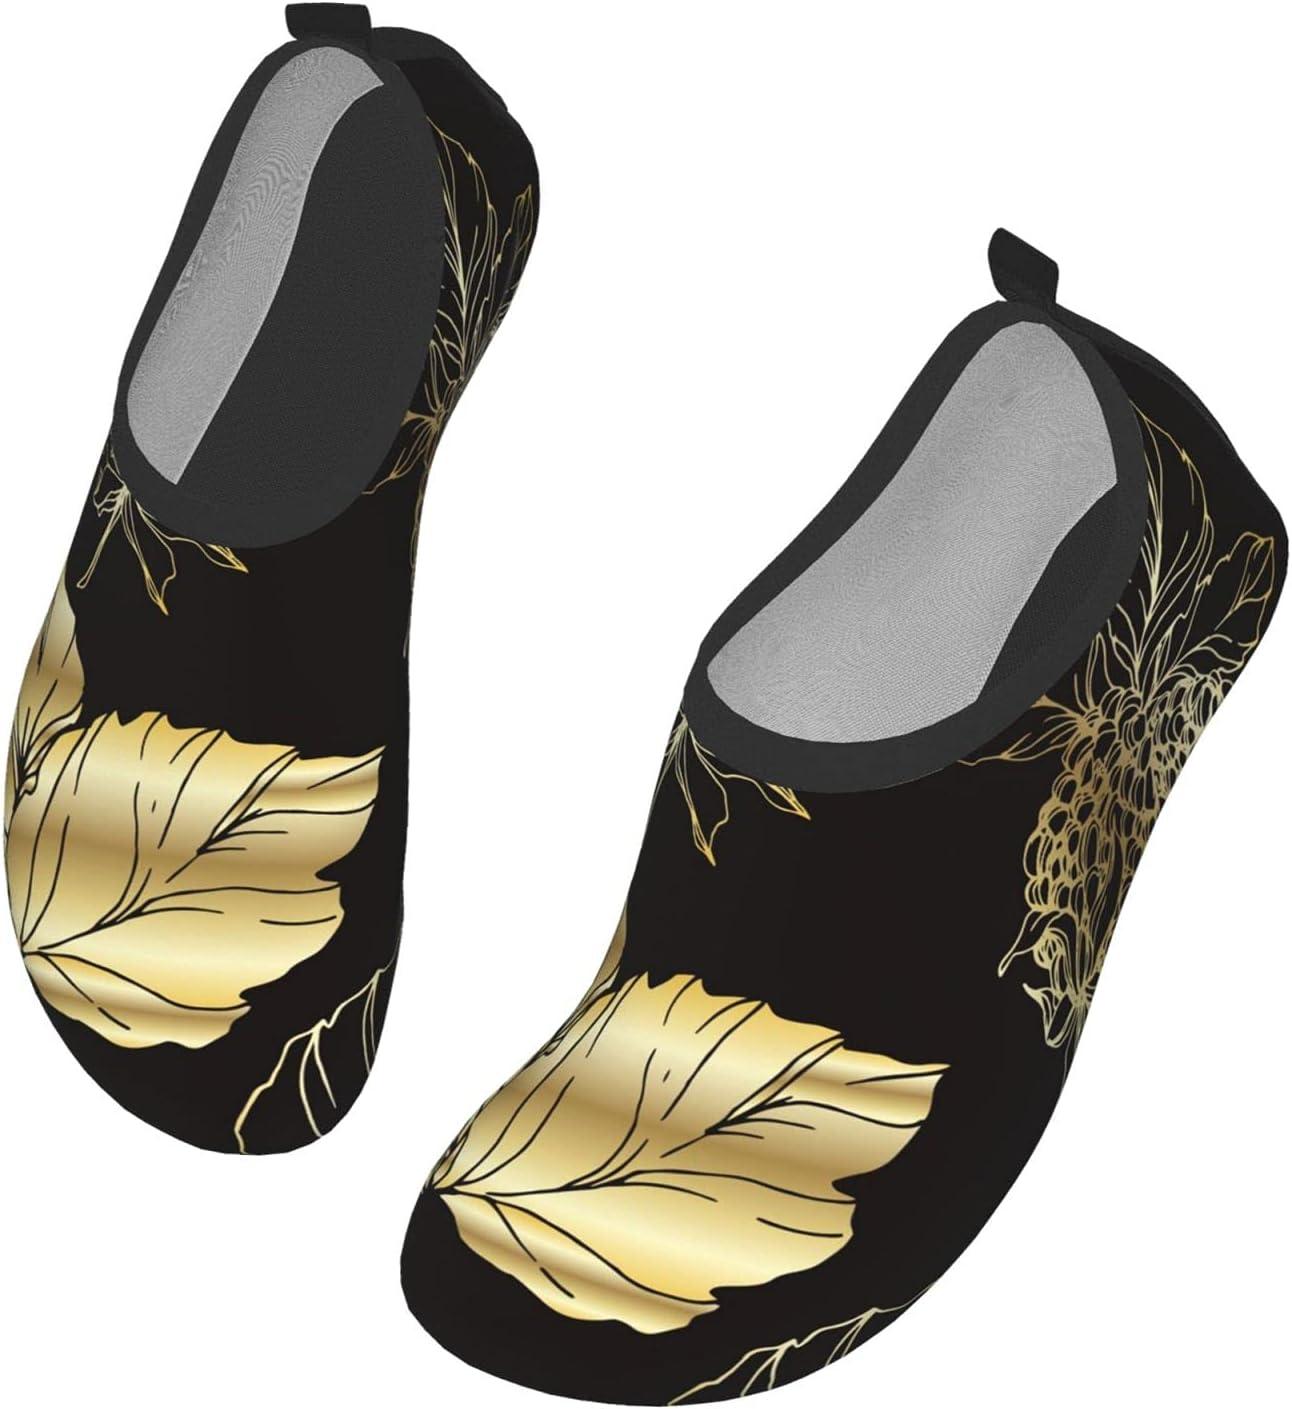 NA Golden Flower On Black Men's Women's Water Shoes Barefoot Quick Dry Slip-On Aqua Socks for Yoga Beach Sports Swim Surf